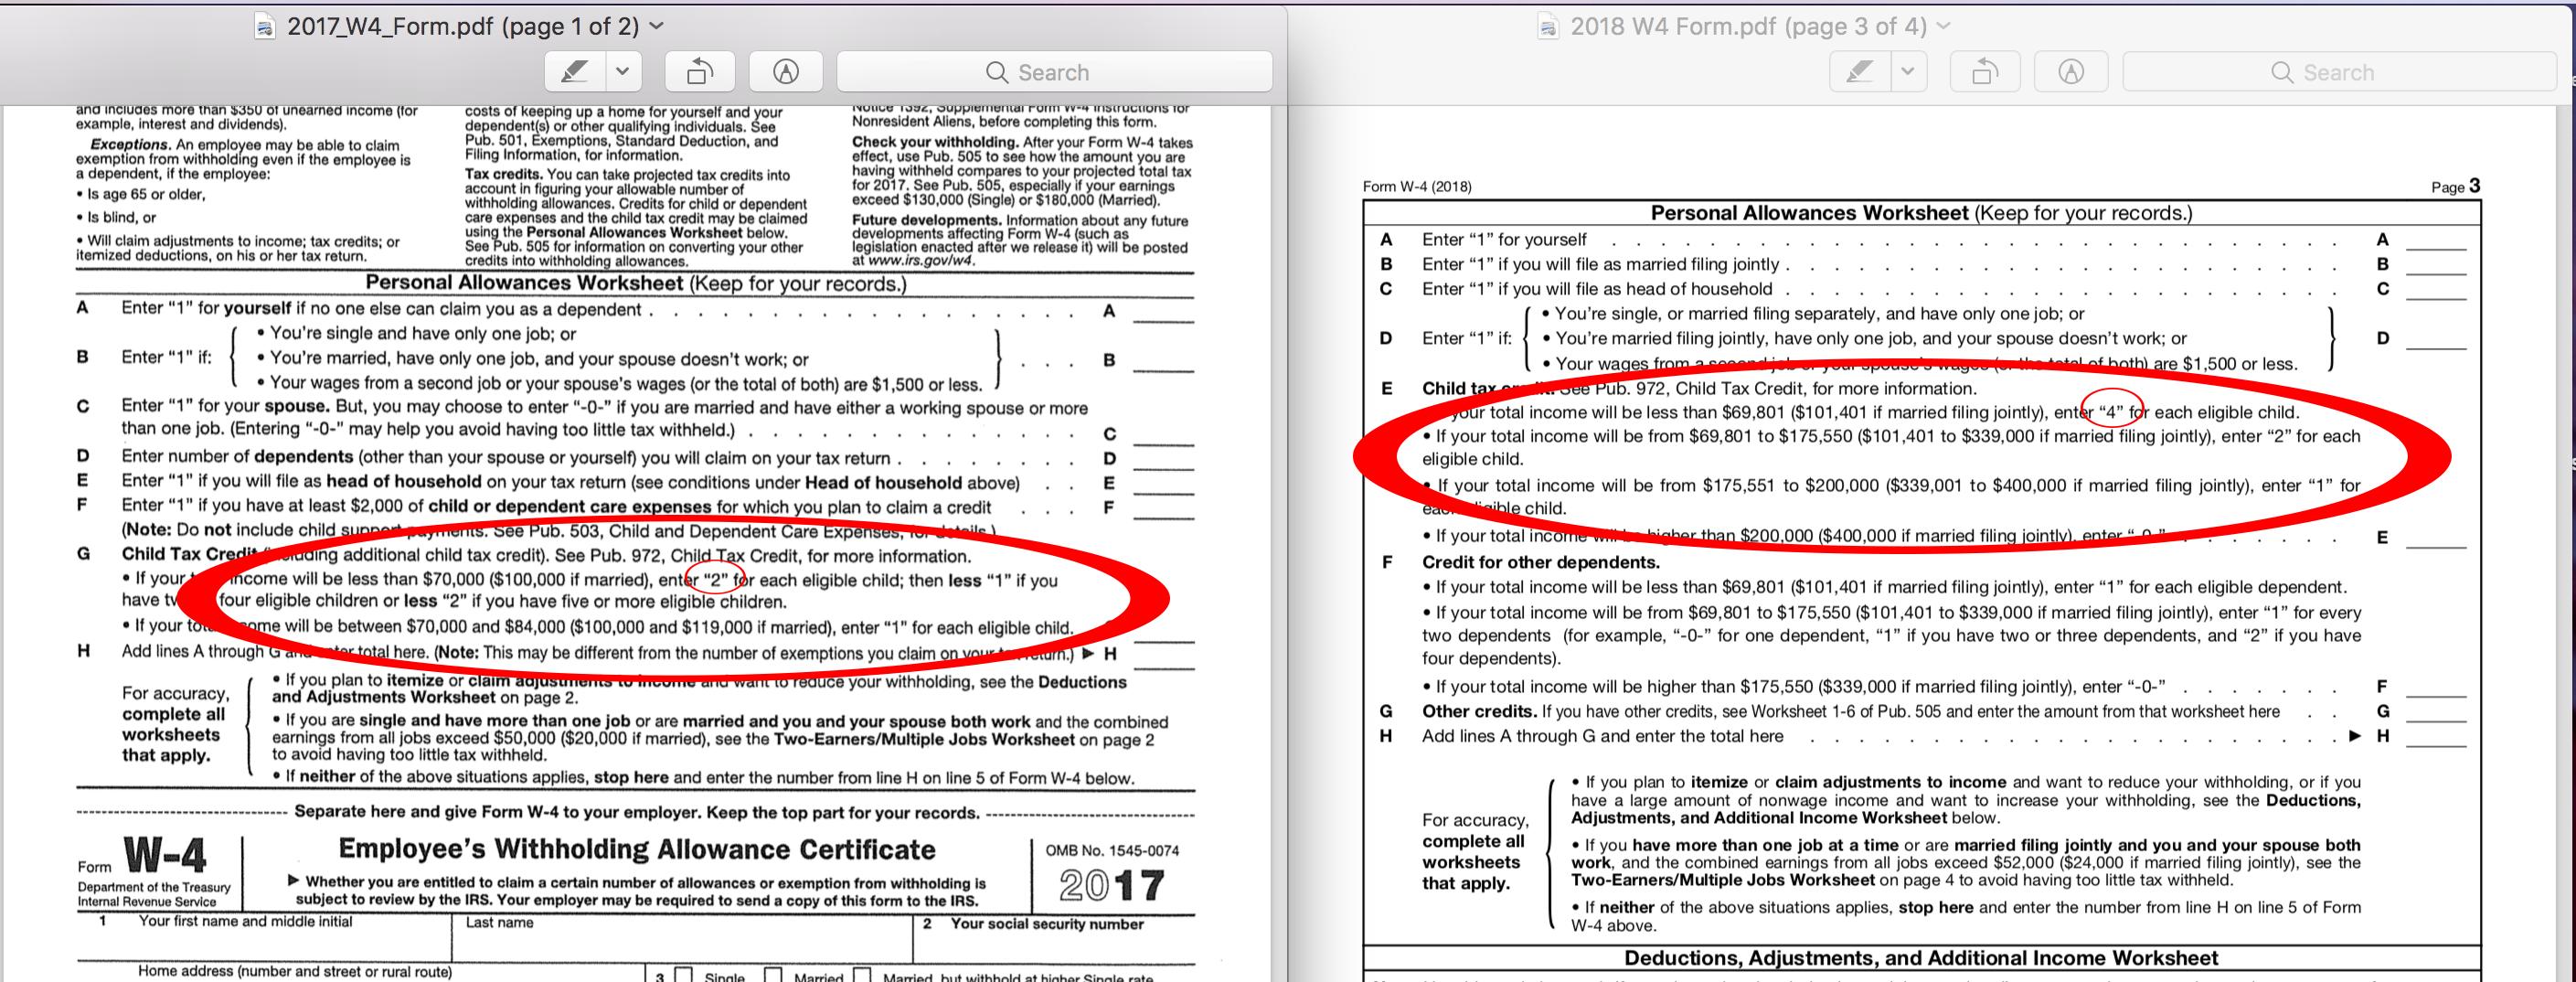 2018 W4 Form Child Tax Credit Deduction Changes Nate Covington